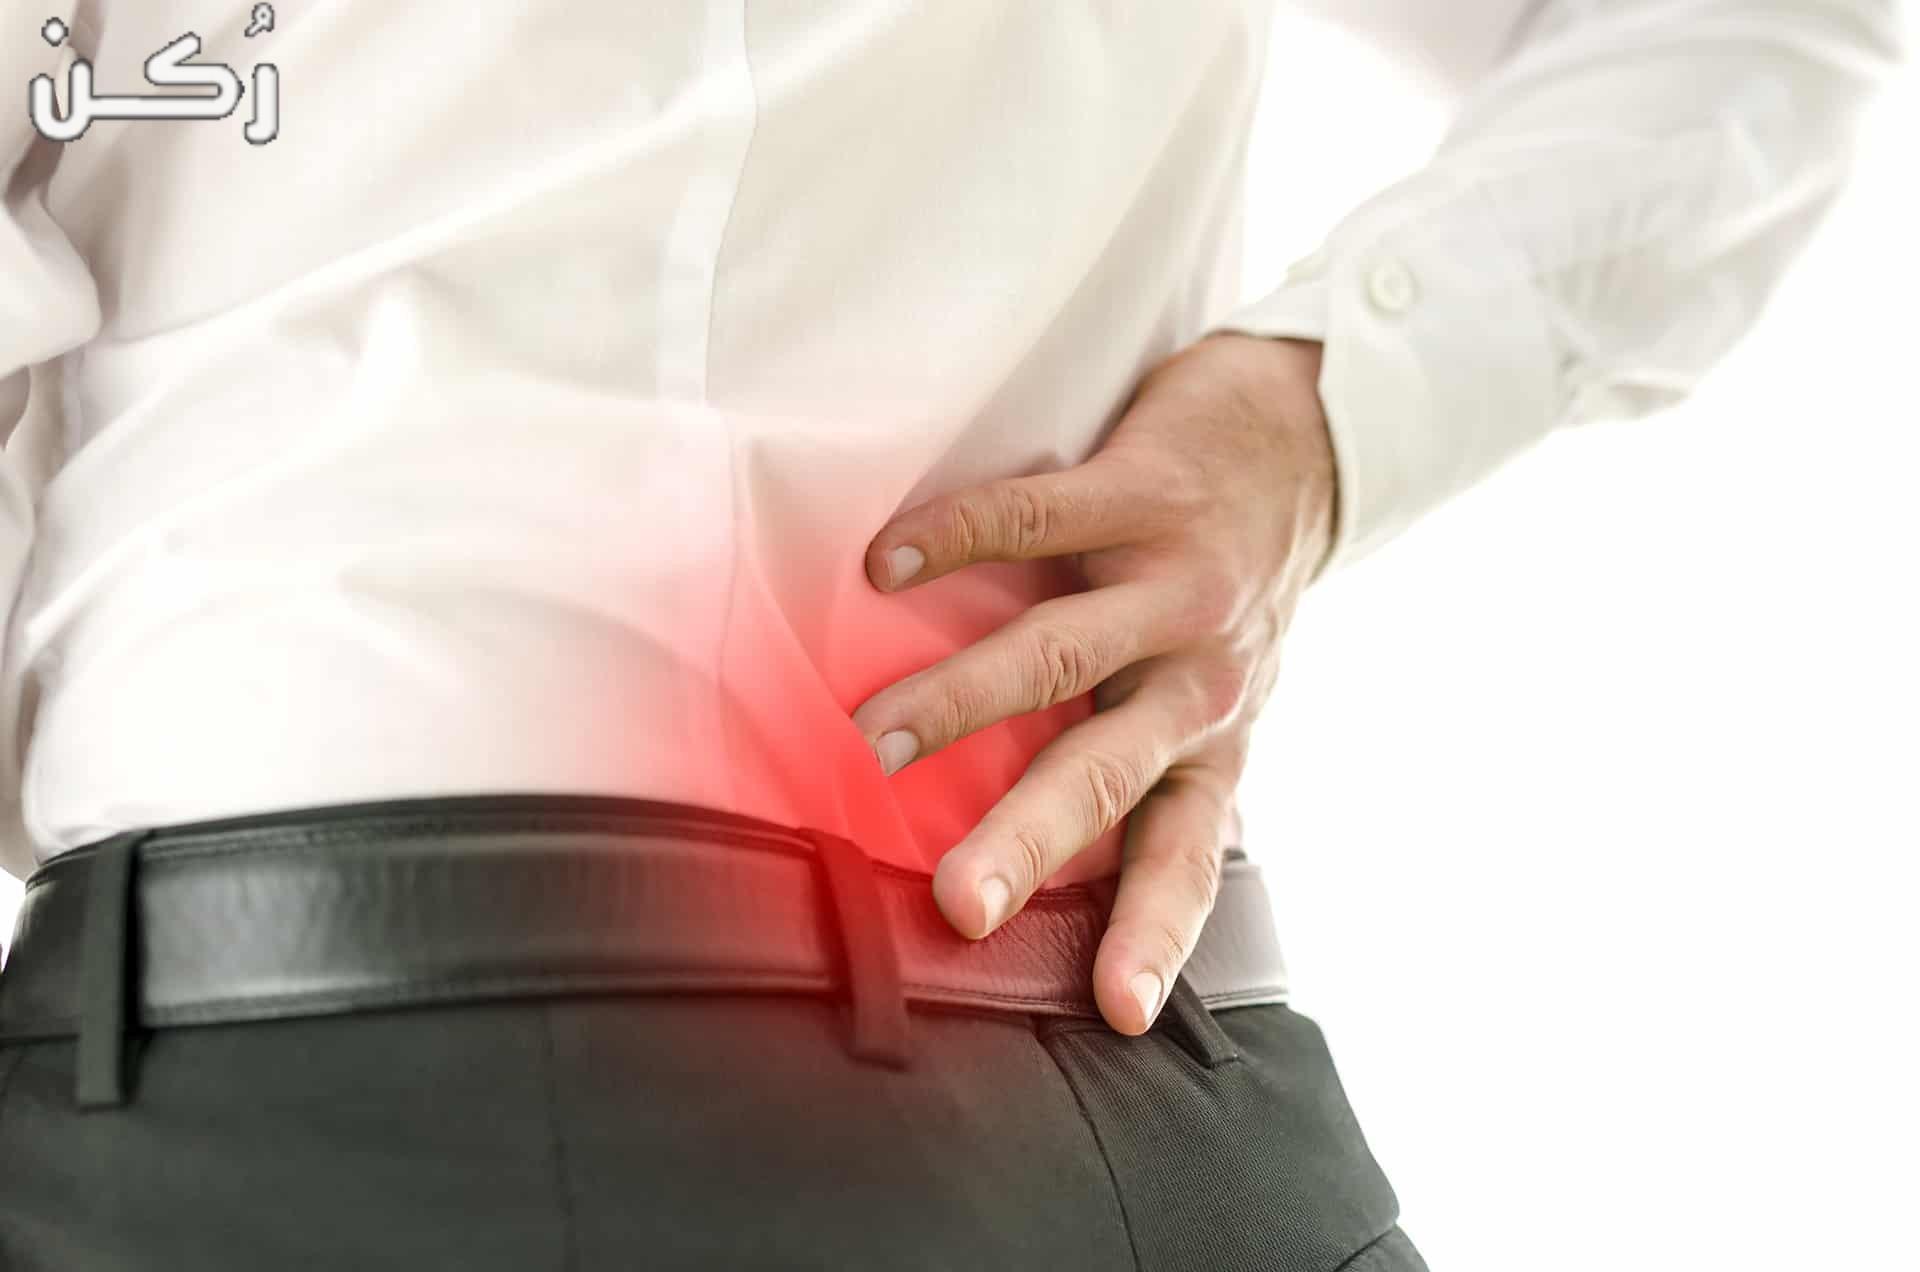 أسباب ديسك الظهر والأعراض وطرق العلاج